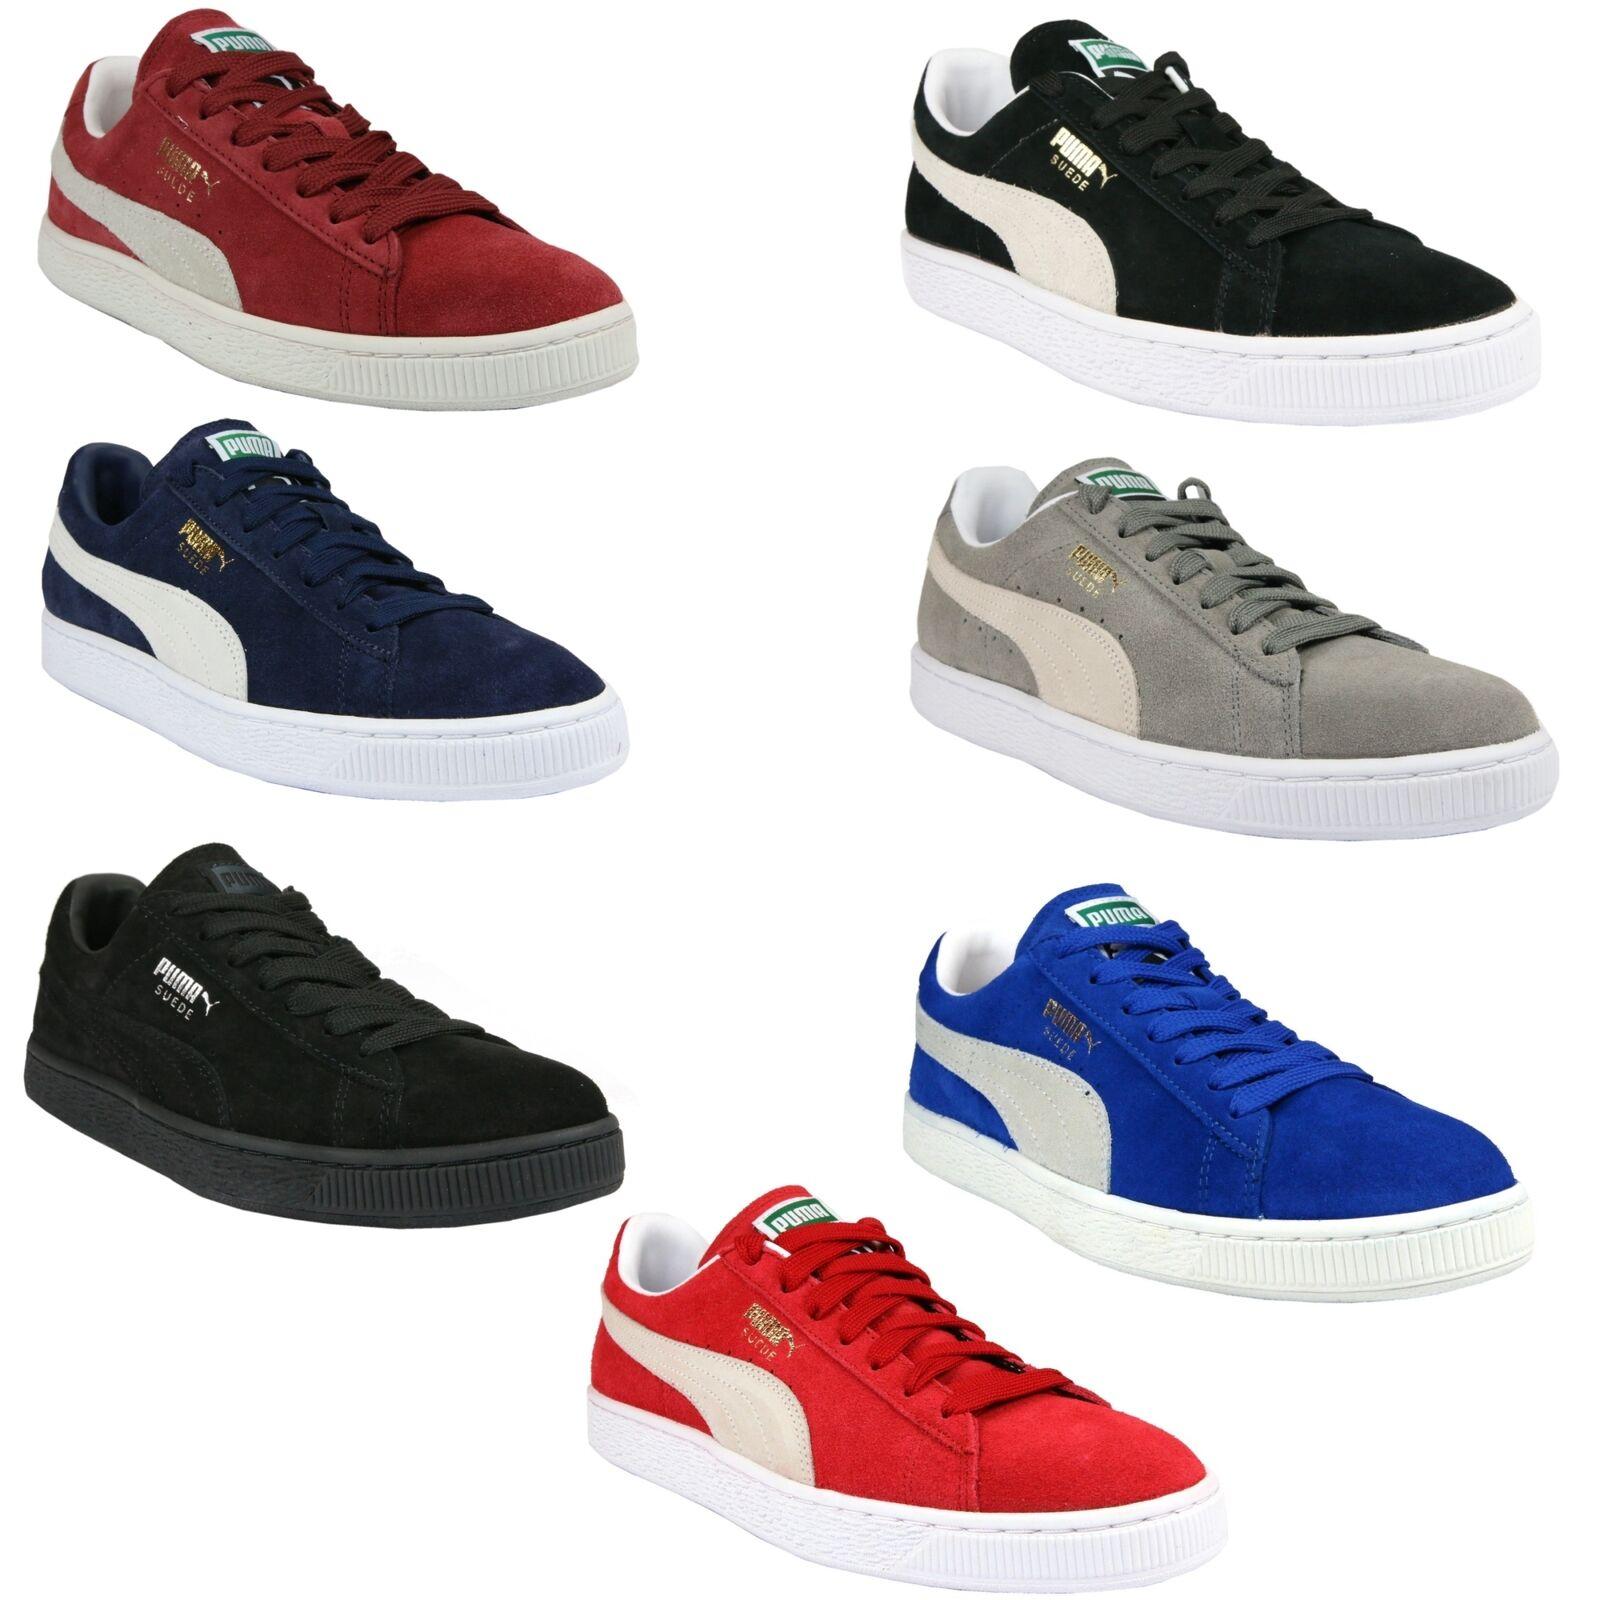 Puma Suede Classic+ Schuhe Turnschuhe Sneaker Wildleder Damen Herren